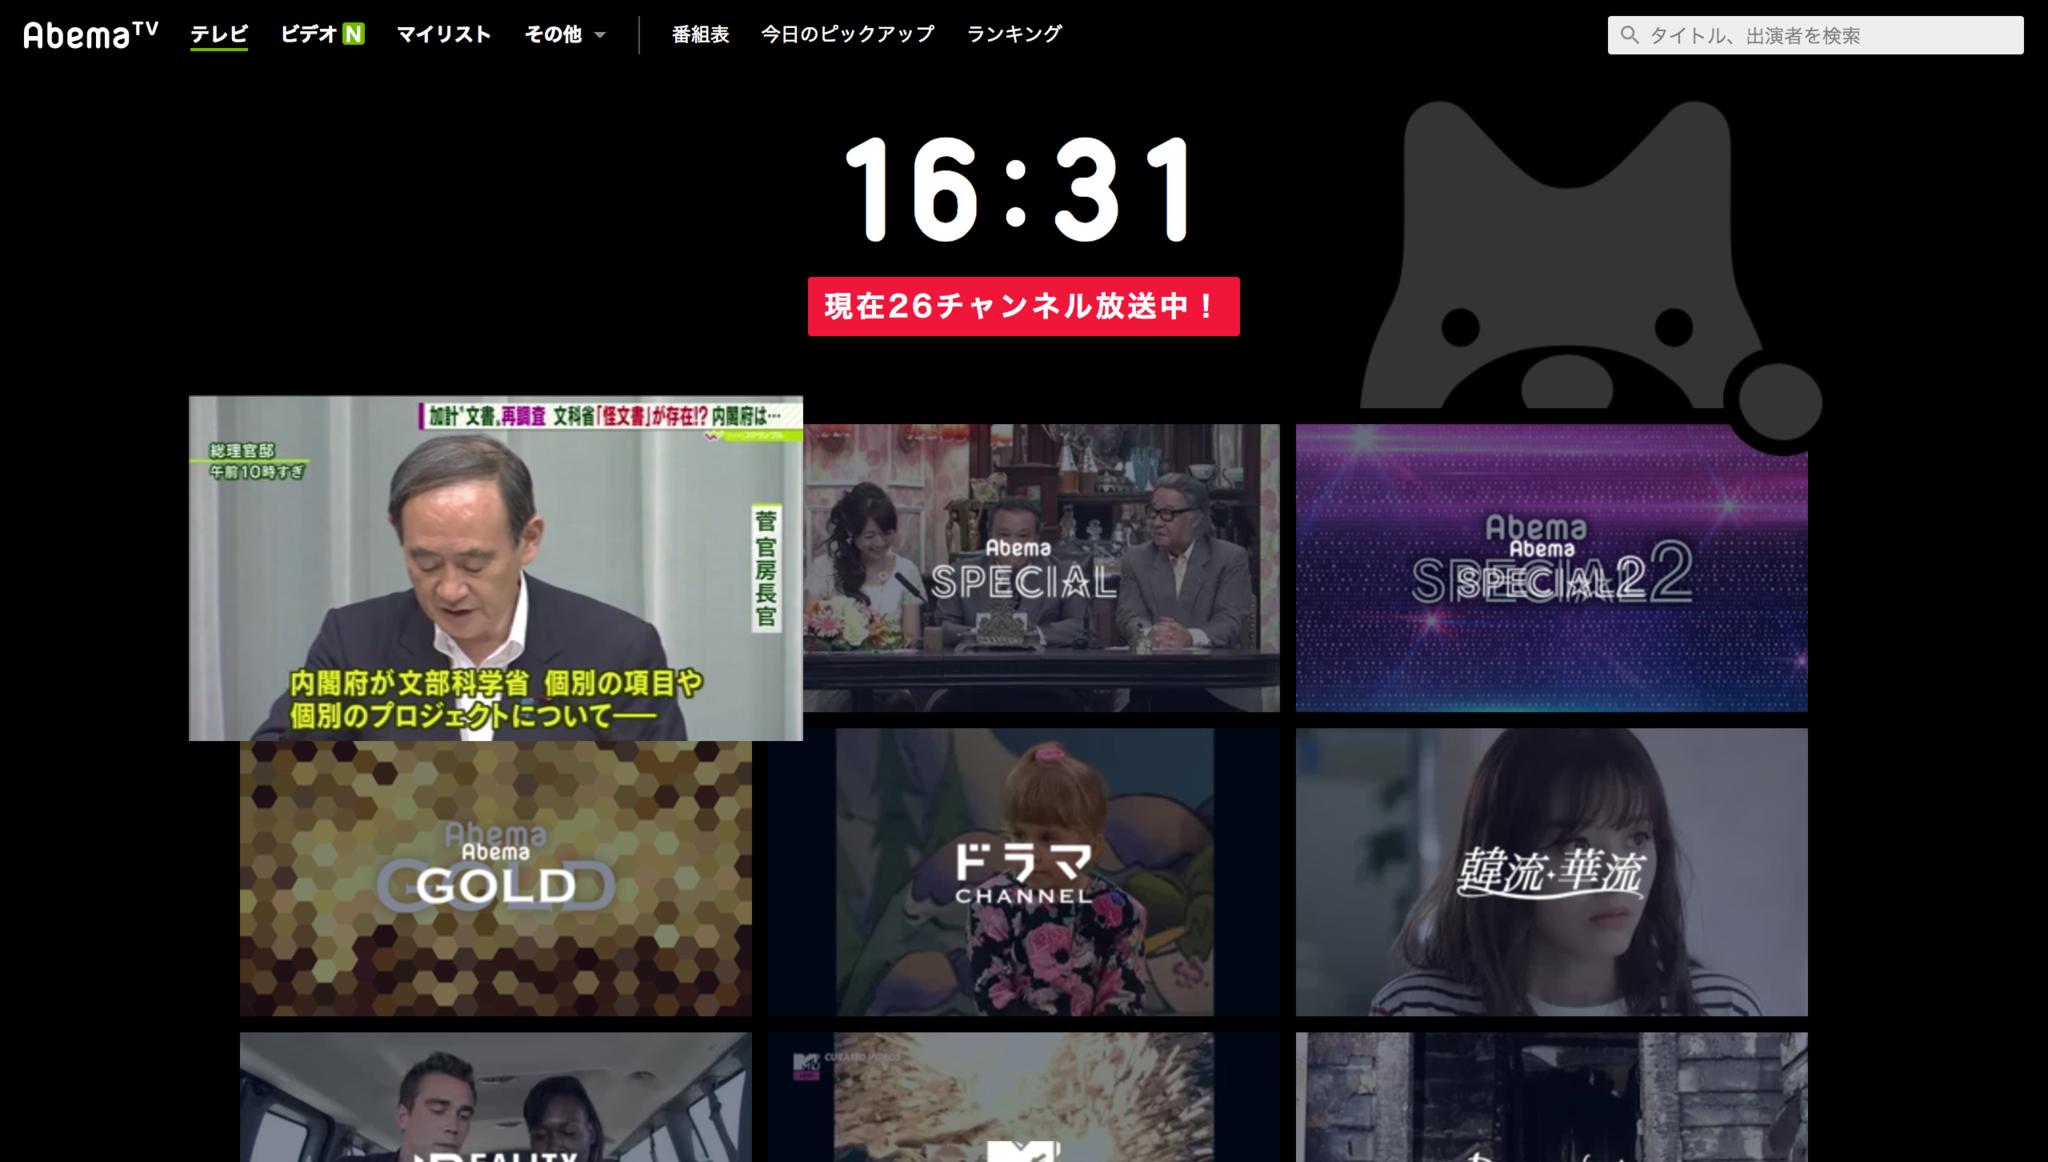 AbemaTV(アベマTV)___インターネットテレビ局.png